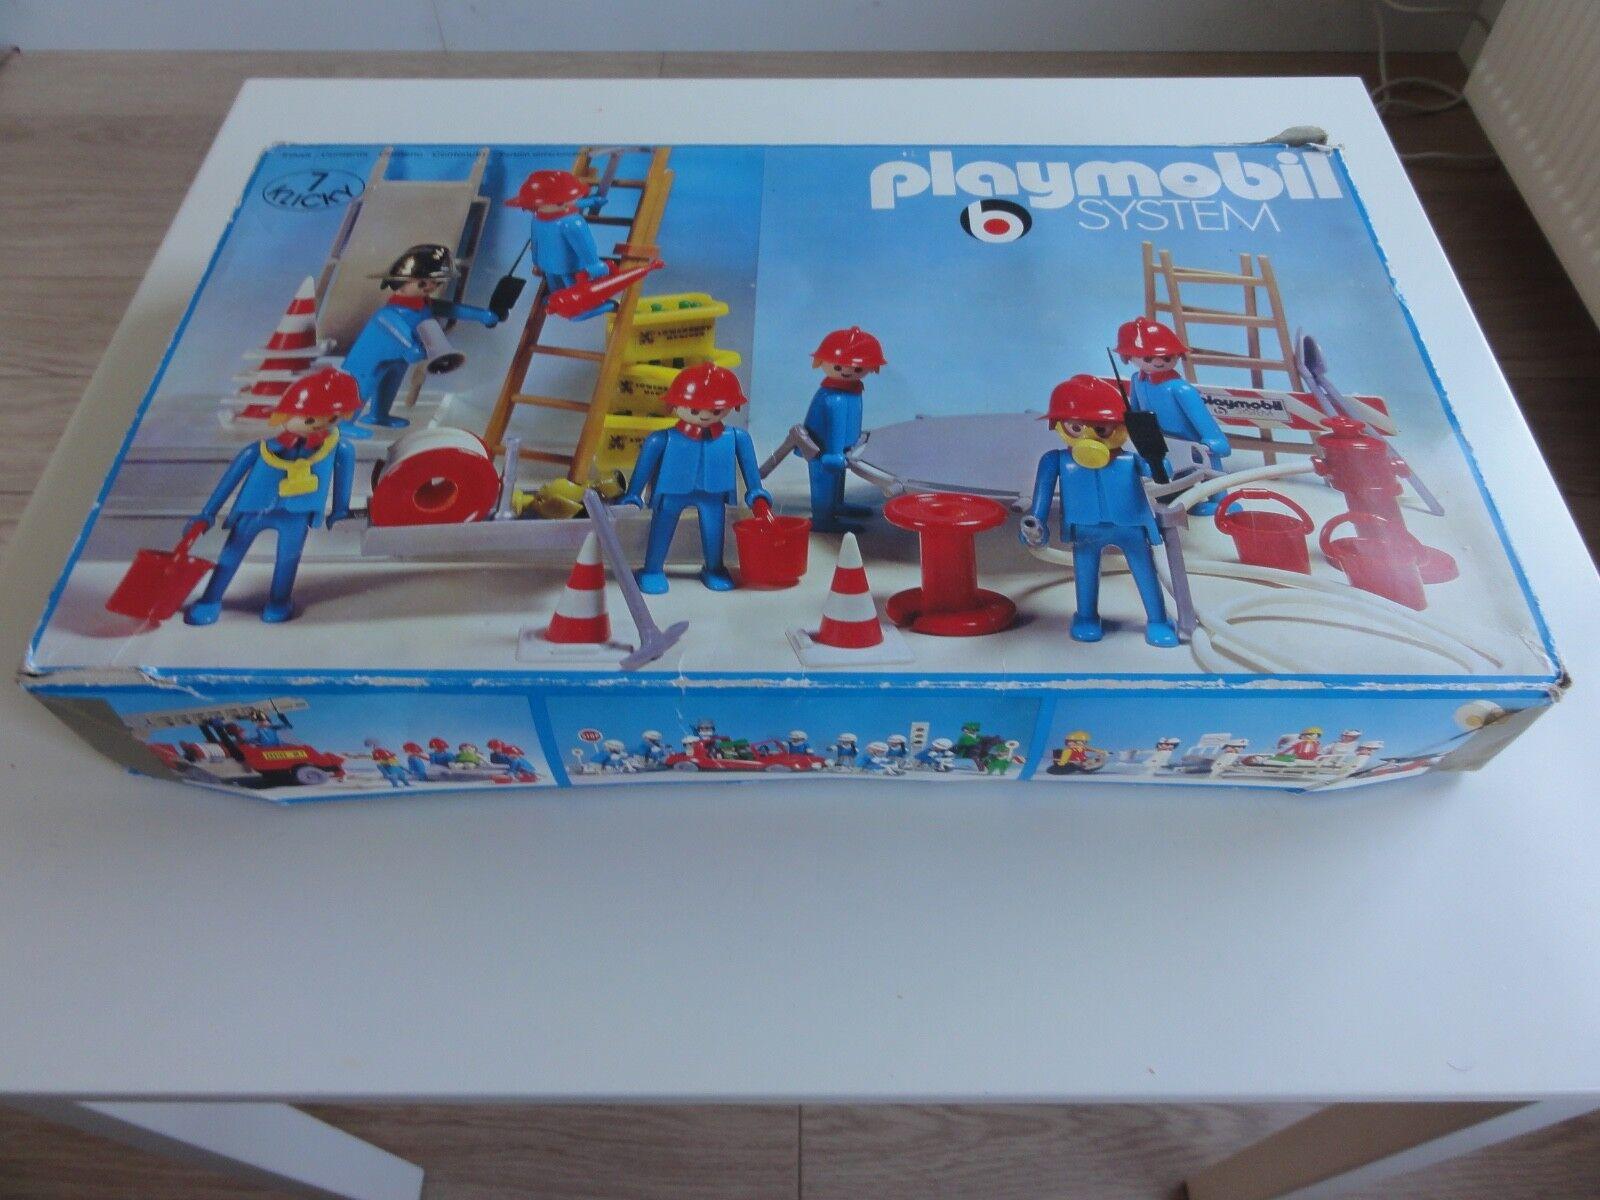 Playmobil 3403 vintage ovp fireman fireman fireman brandweer Feuerwehr service d'incendie 8884f4